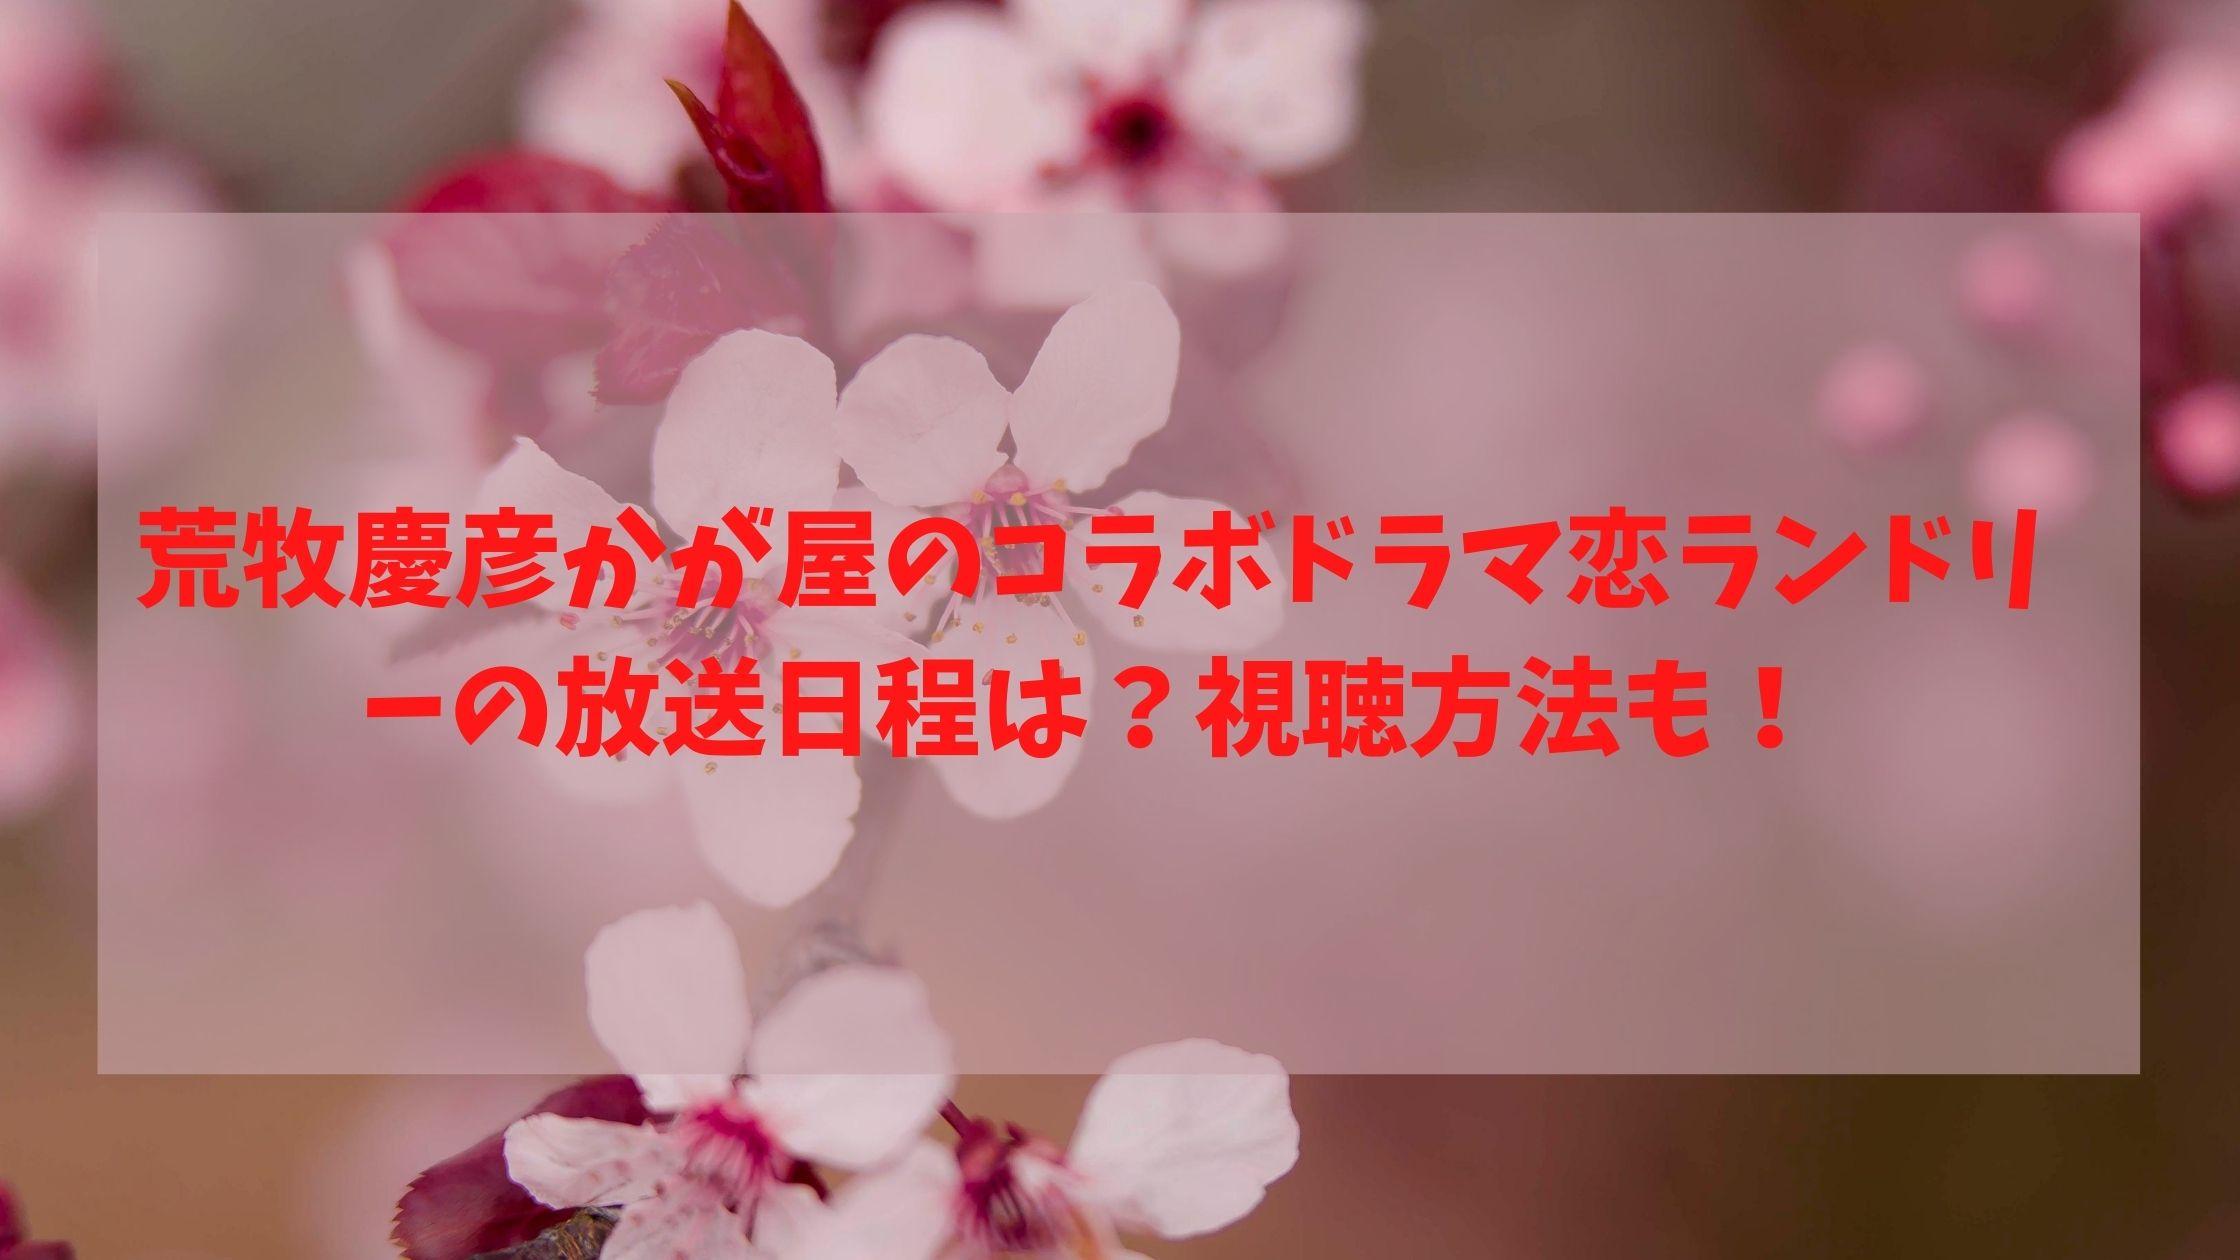 荒牧慶彦かが屋のコラボドラマ恋ランドリーの放送日程は?視聴方法も!